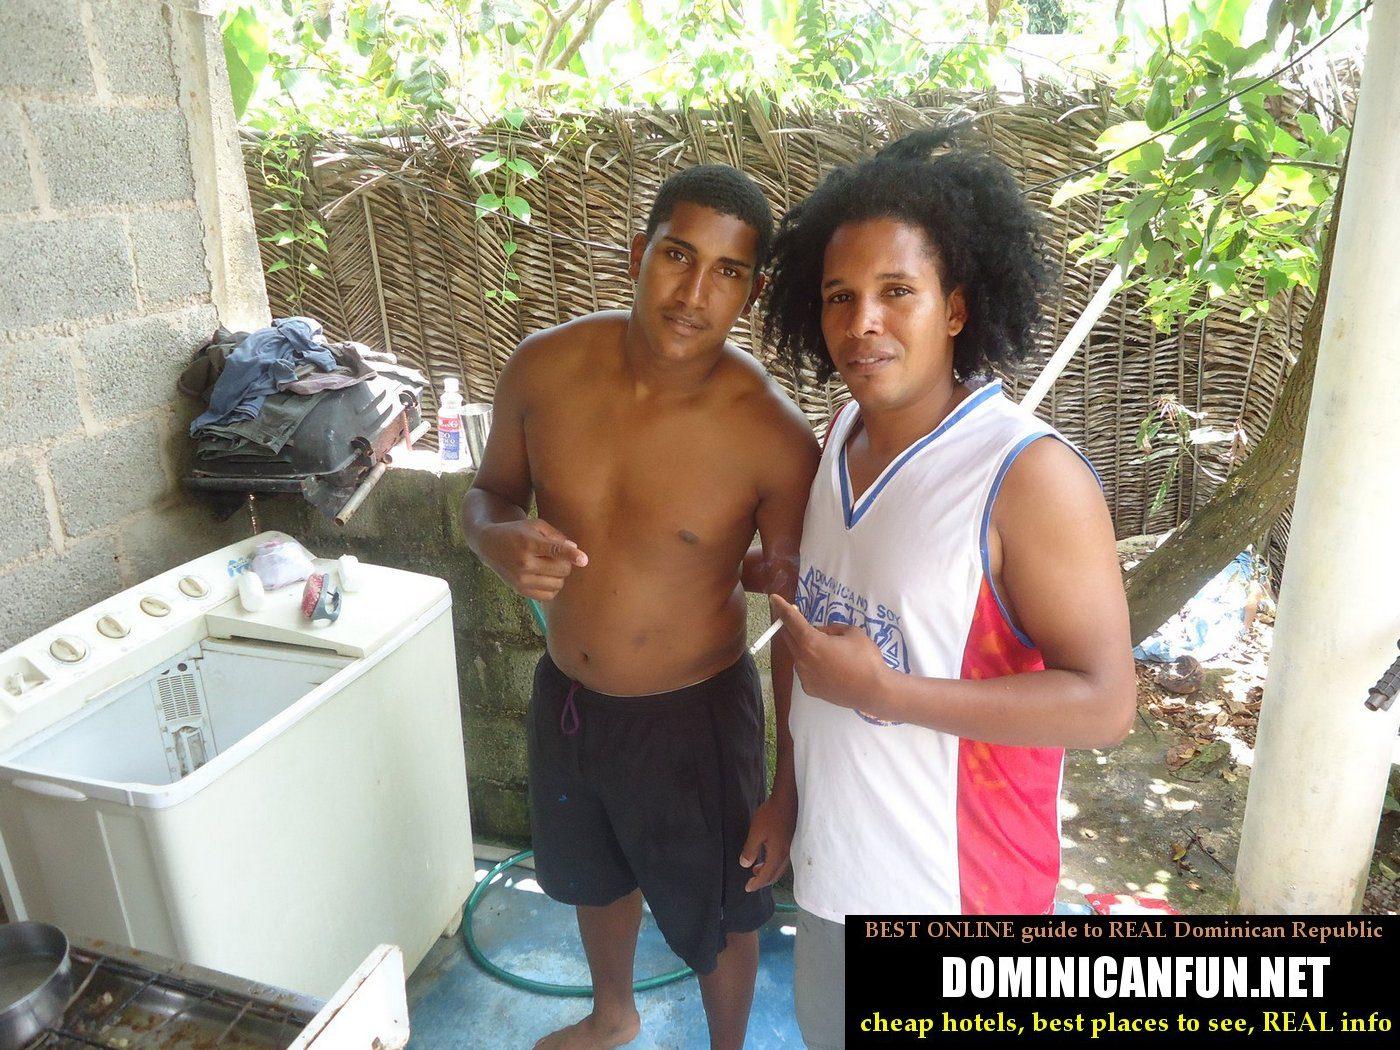 Dominican republic mulatto women casual concurrence